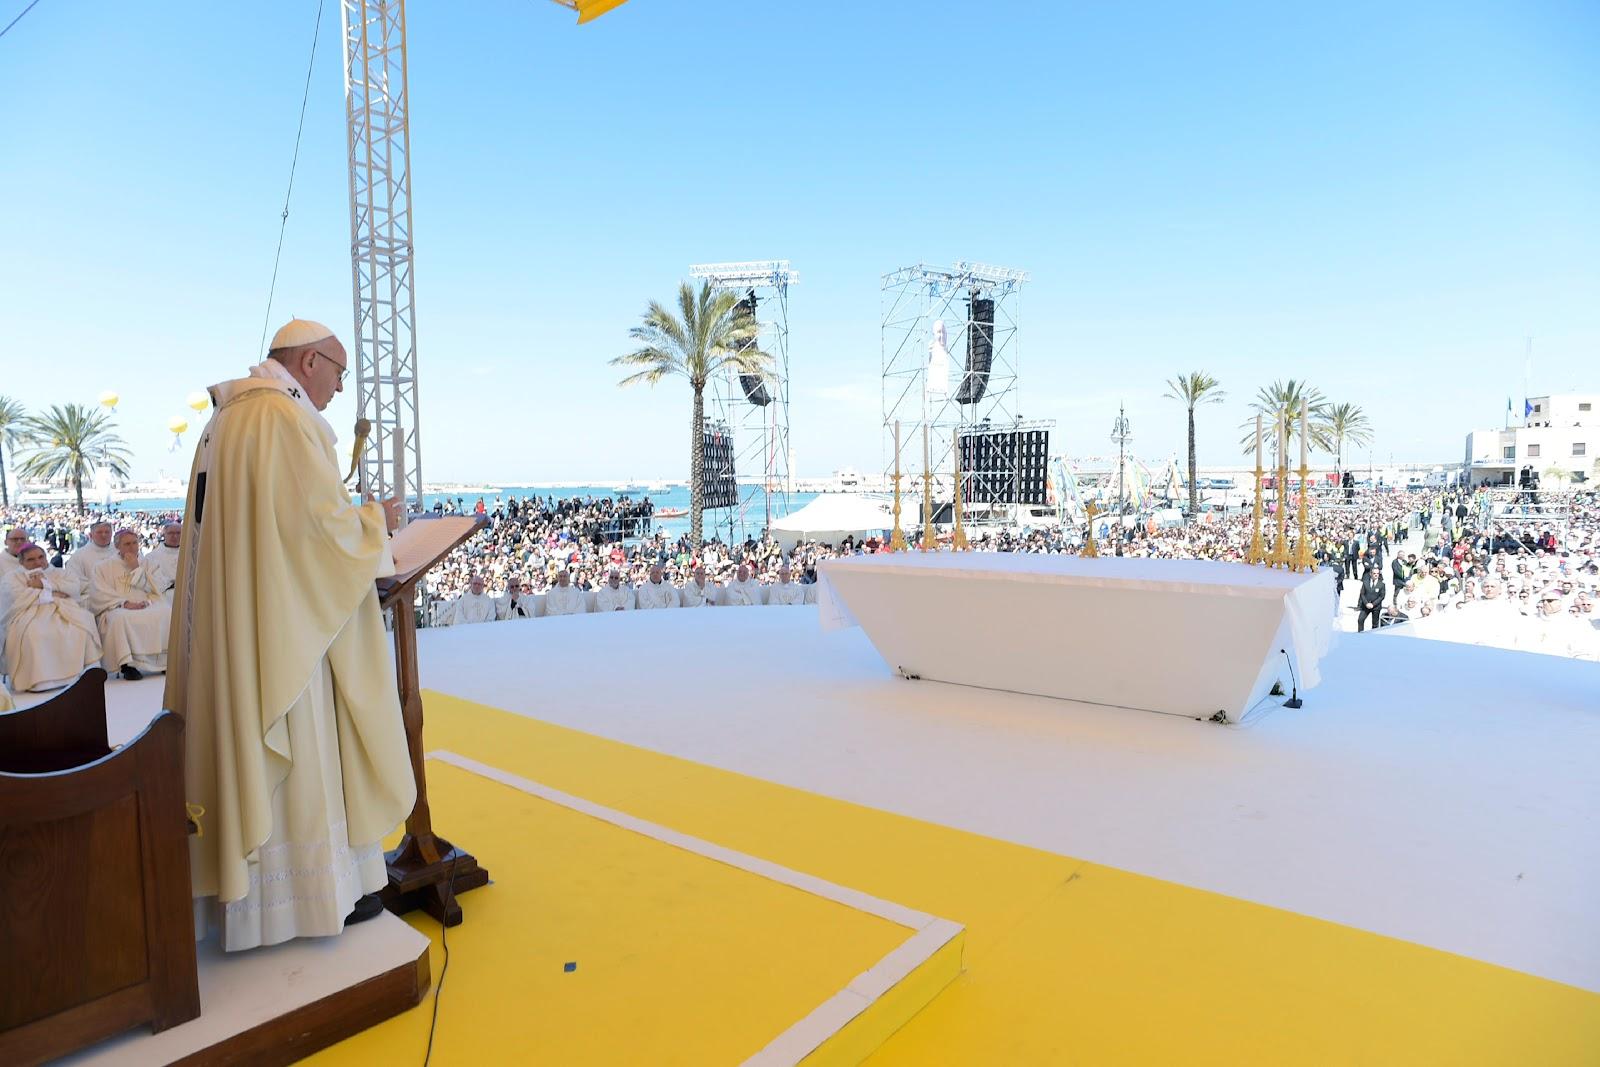 Bài giảng của Đức Thánh Cha Phanxico ở Molfetta